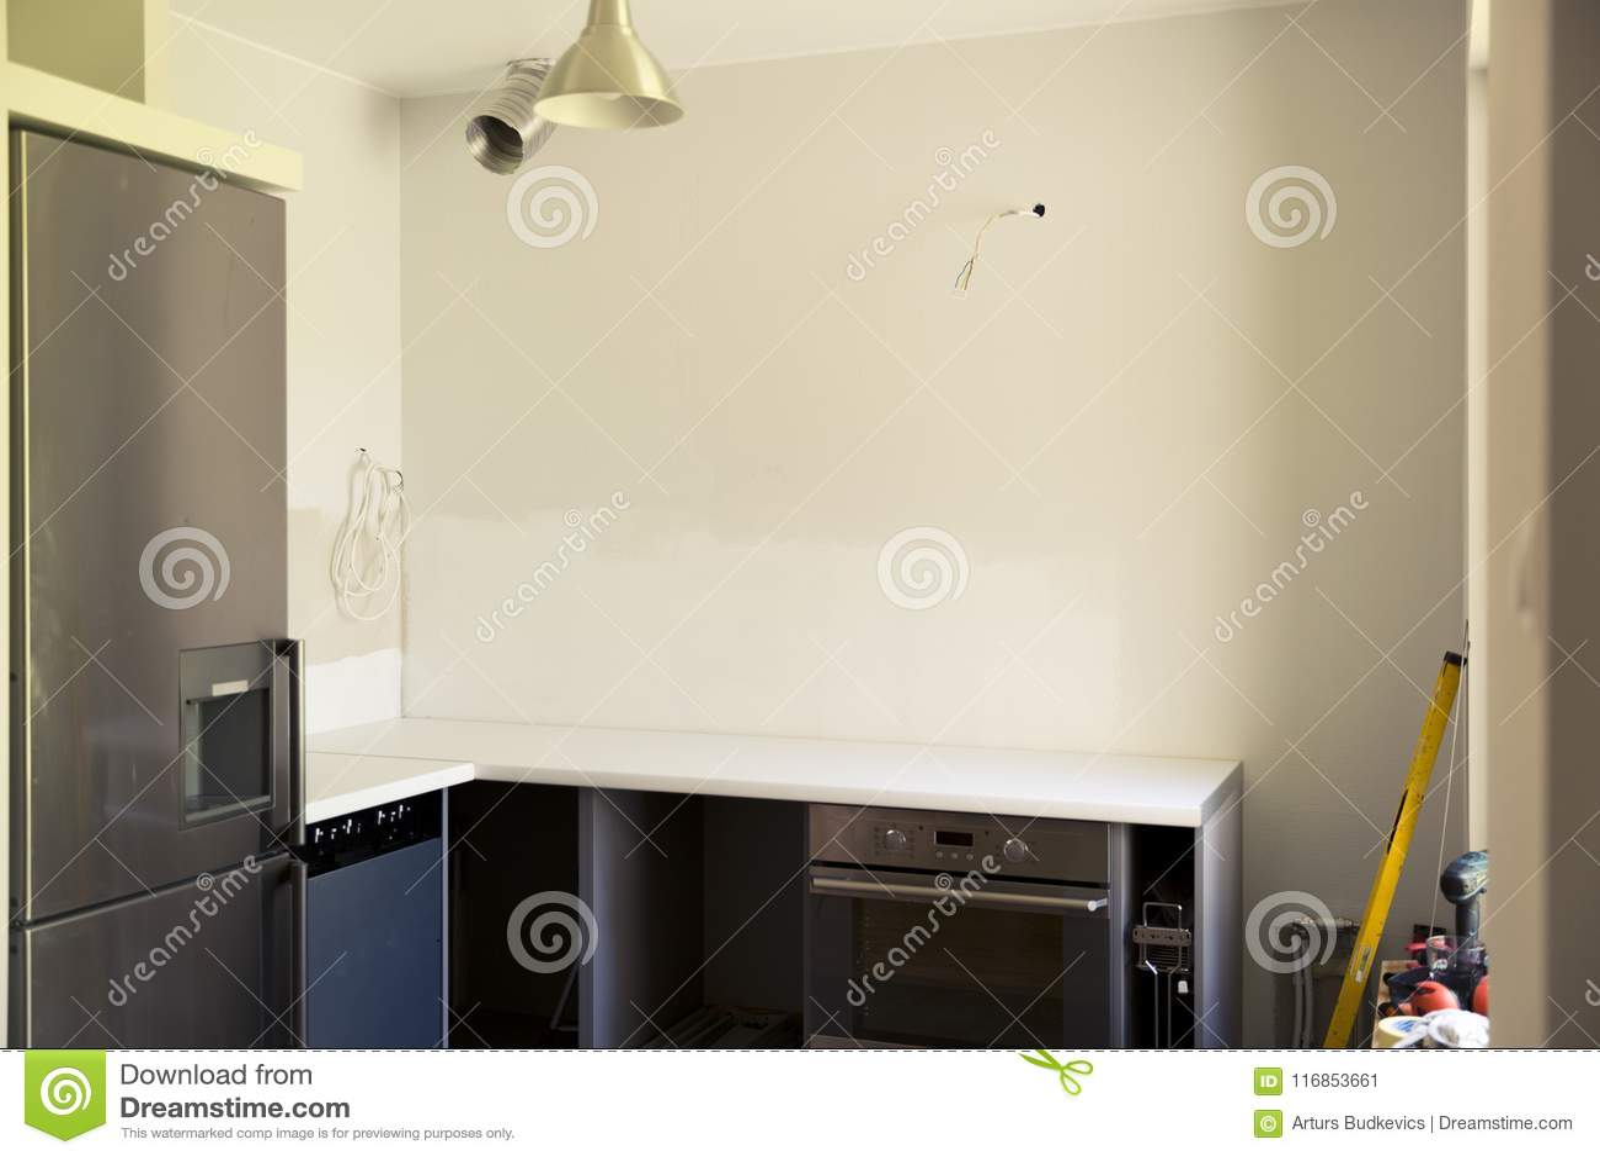 Renovação da casa e da cozinha Cozinha inacabado que remodela Canteiro de obras com ferramentas da construção